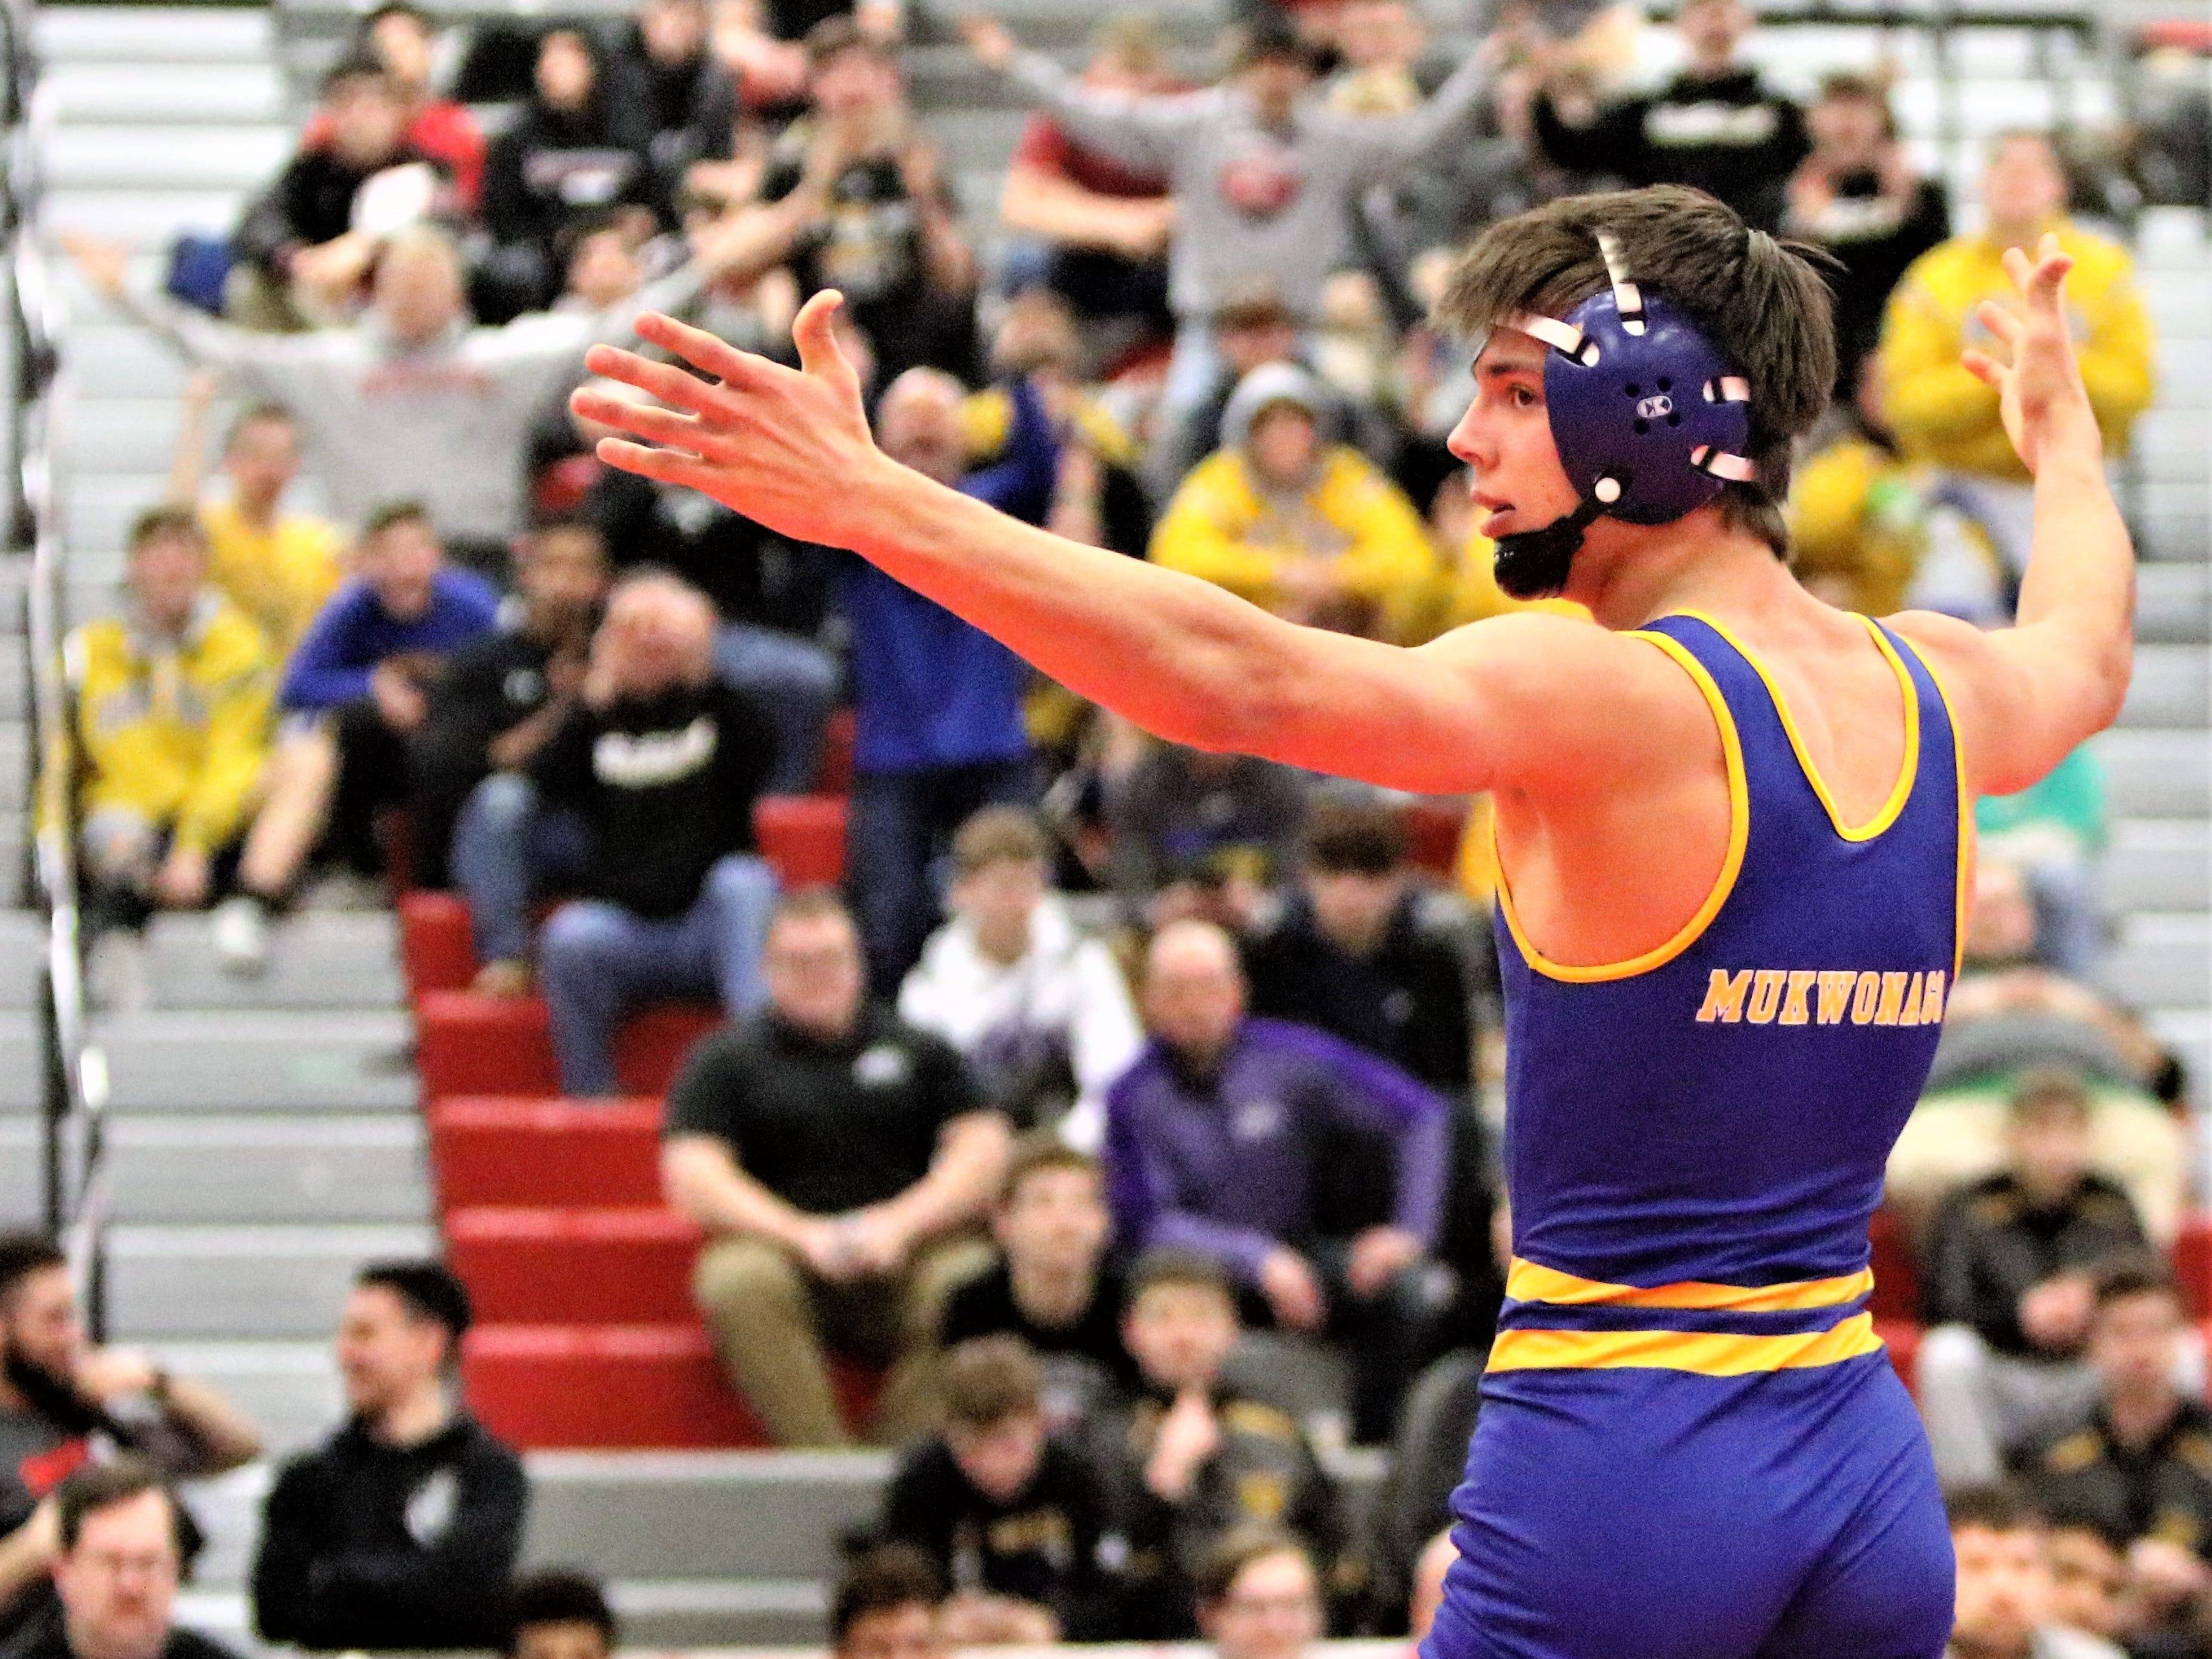 Mukwonago's Luke Eliszewski celebrates after winning the 126-pound sectional title at Racine Horlick on Feb. 16, 2019.